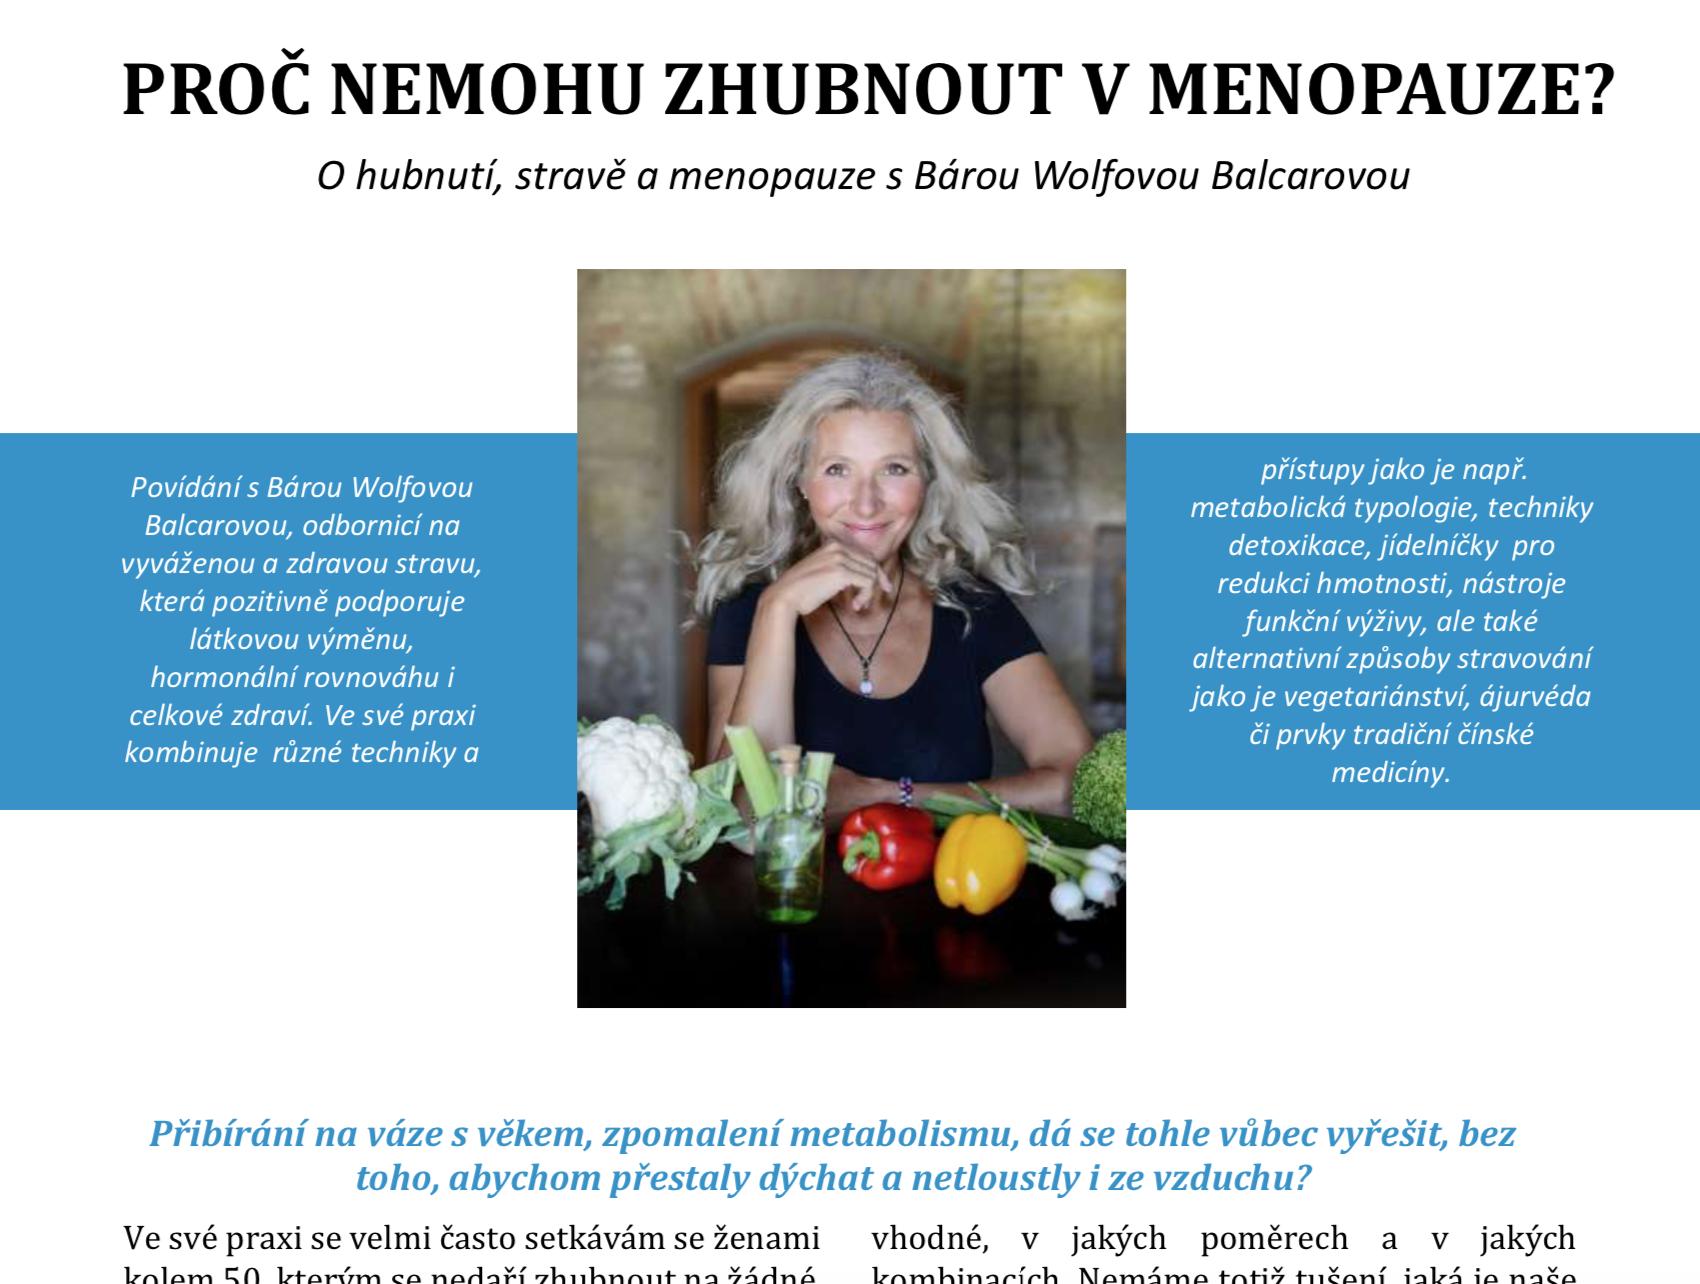 Strava a hubnutí v menopauze